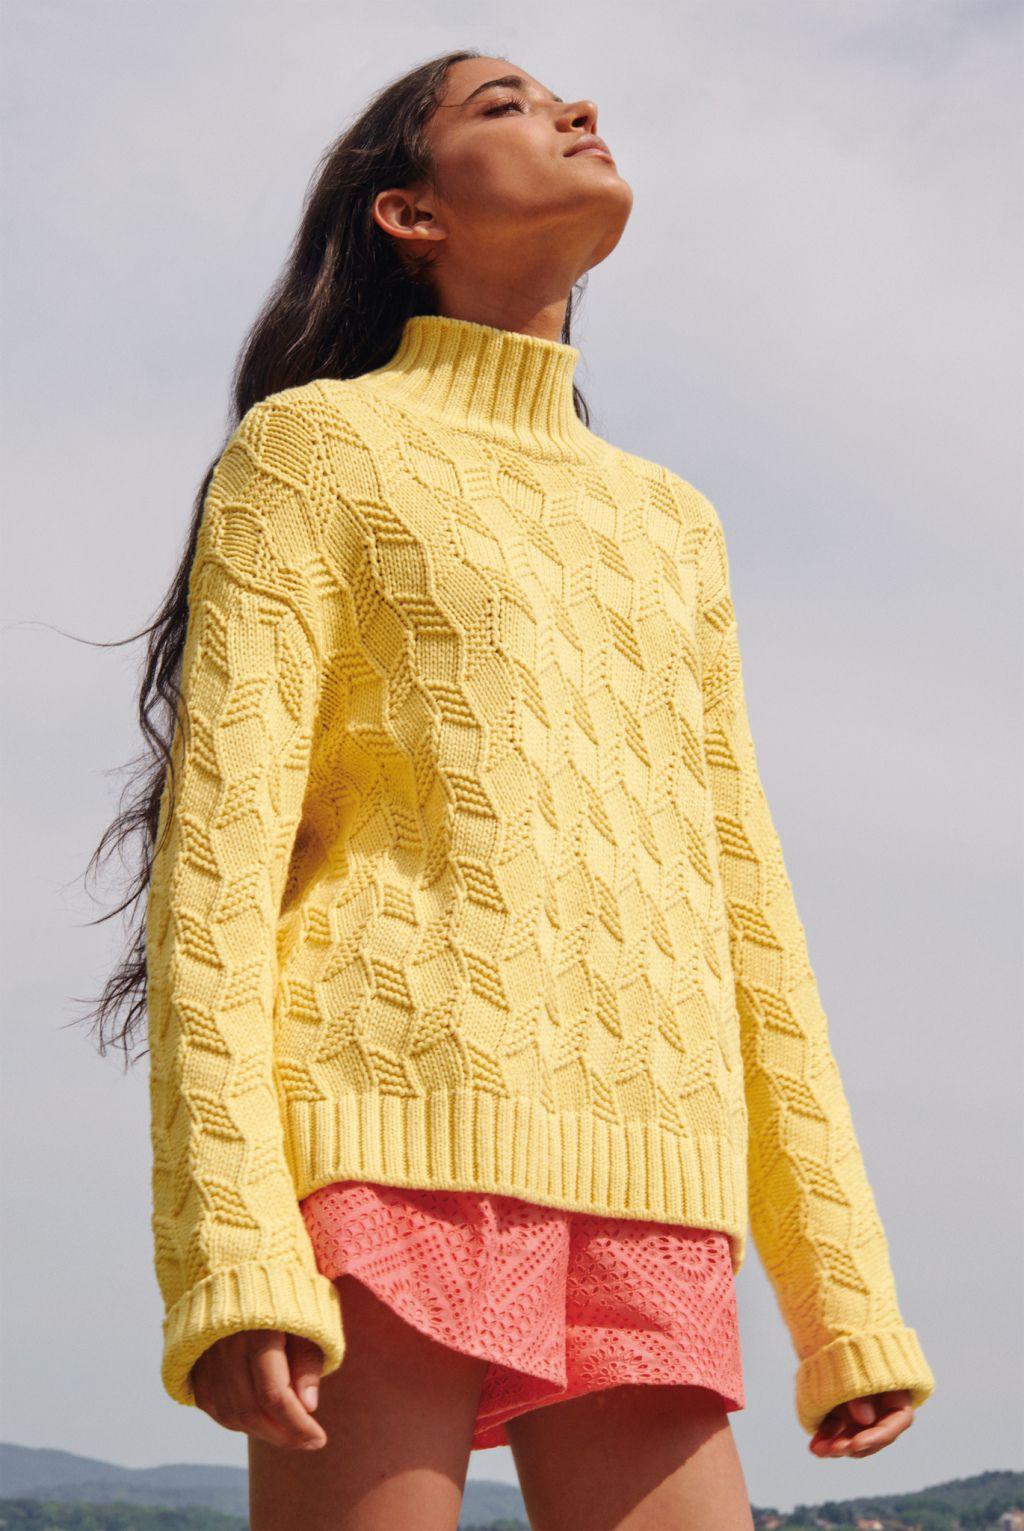 Loro Piana RTW Spring 8  Knitwear fashion, Knitwear trends